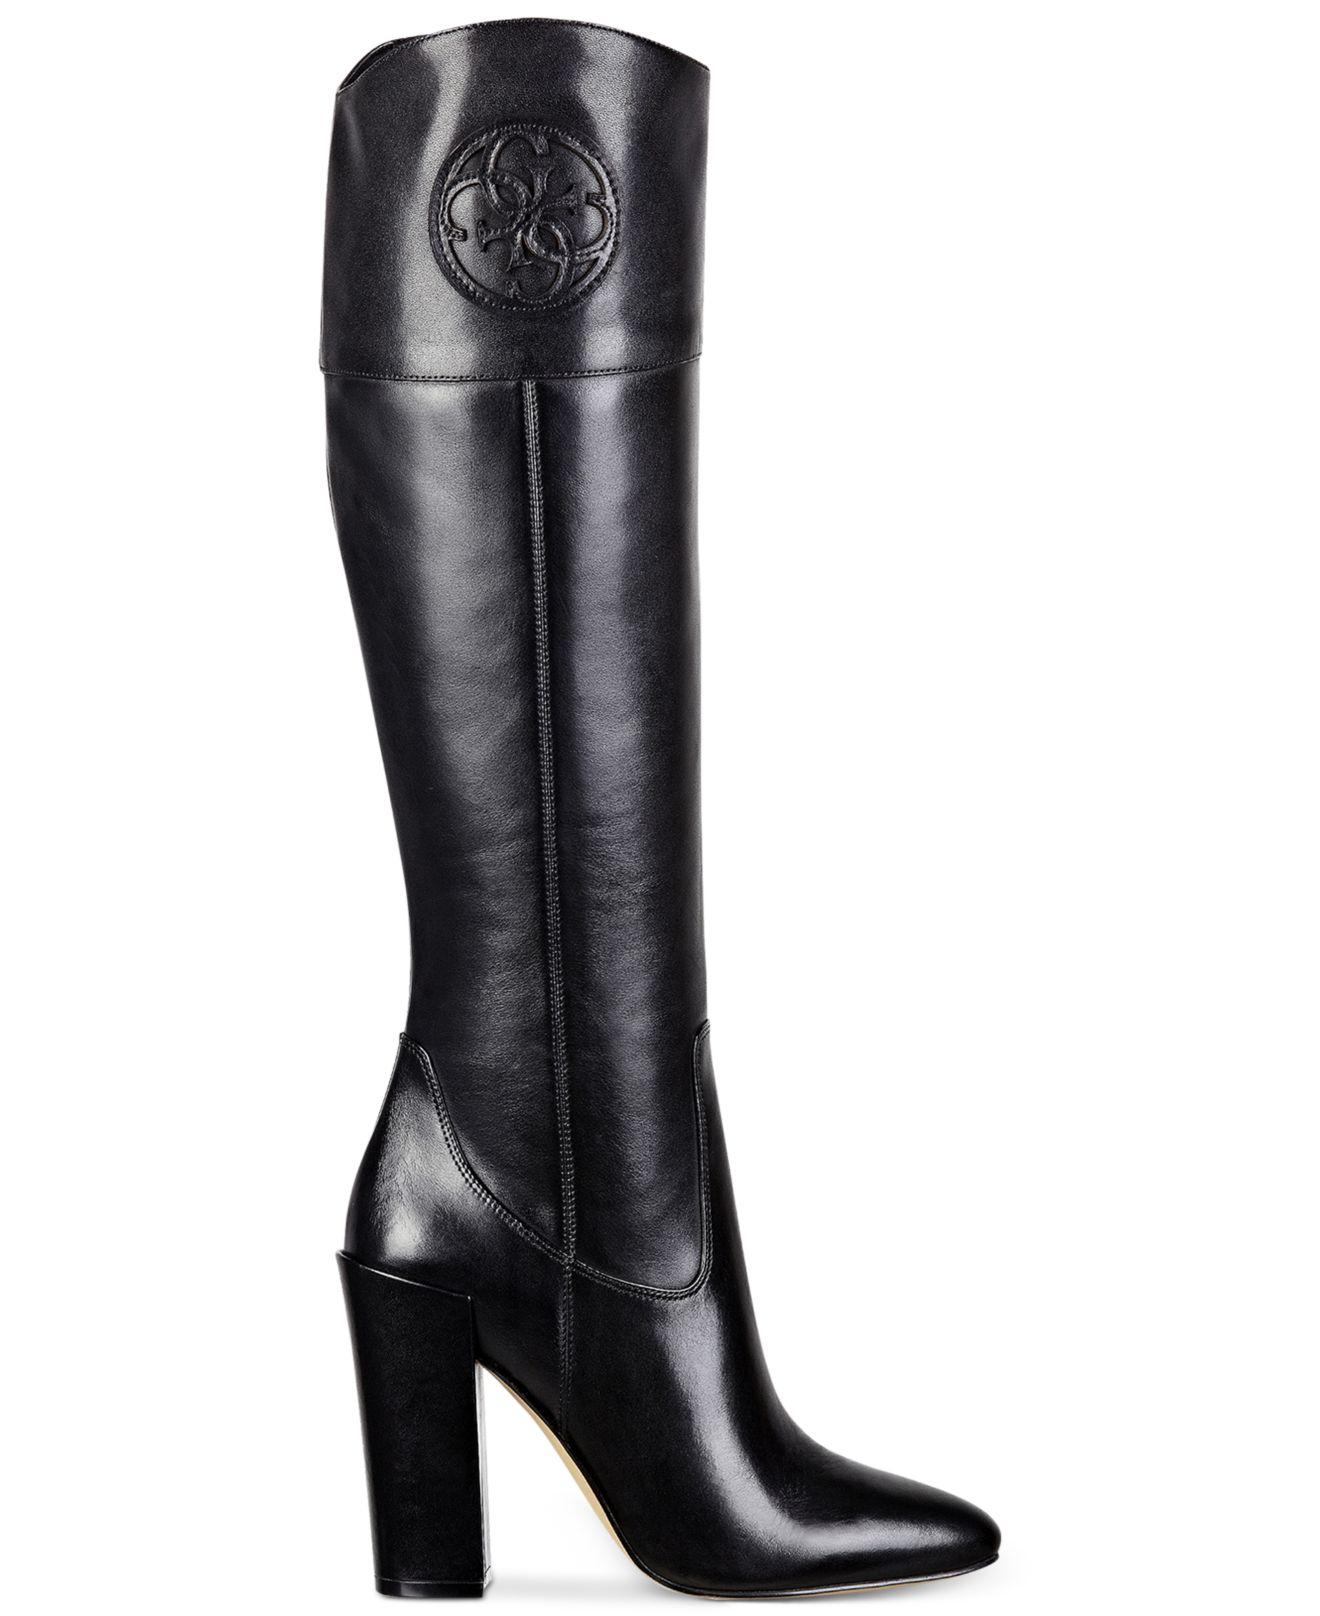 ecbda833a27e5 Guess Women's Dalen Tall High Heel Boots in Black - Lyst